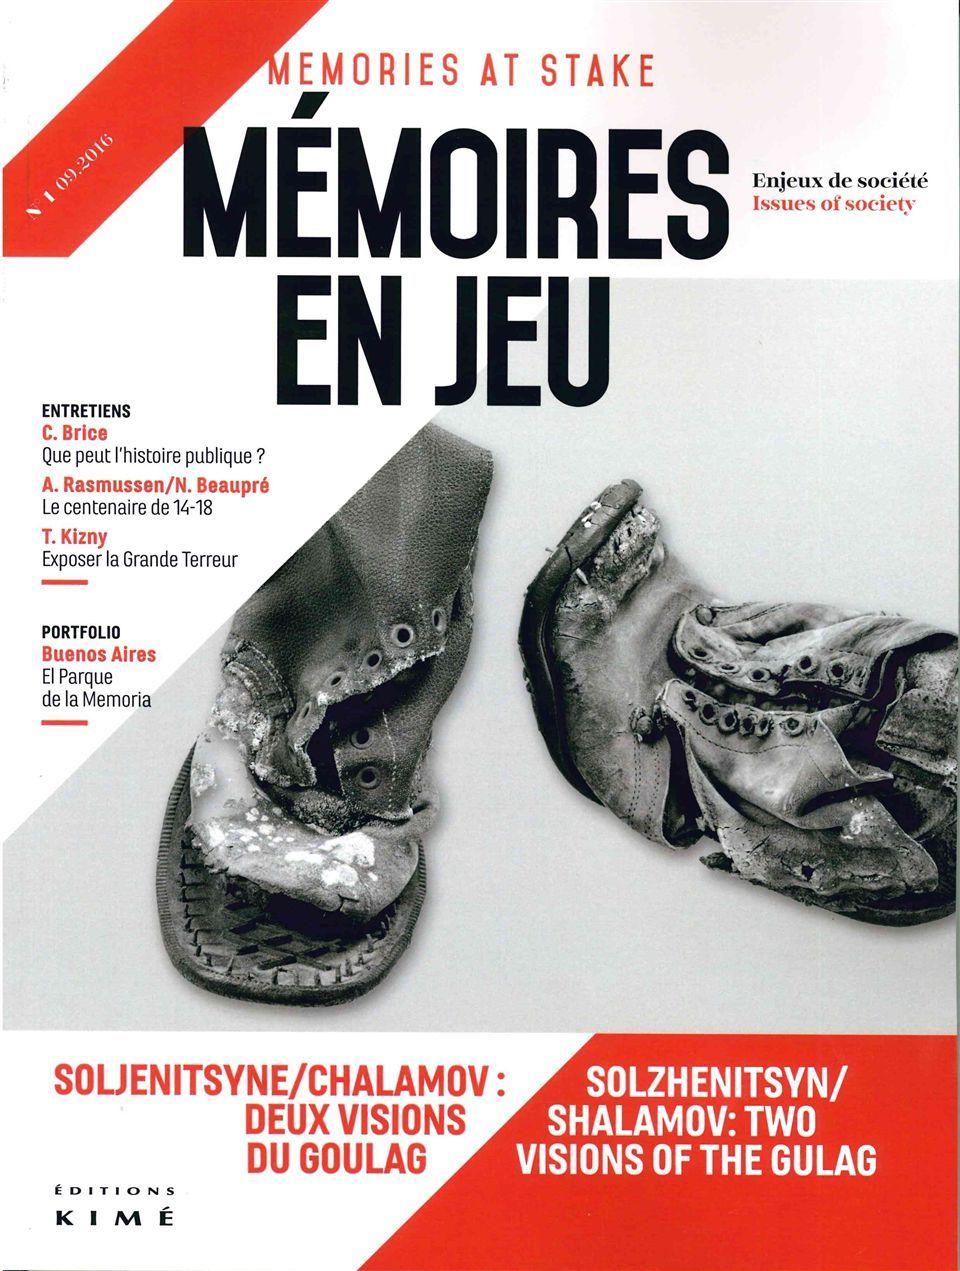 MEMOIRES EN JEU N1